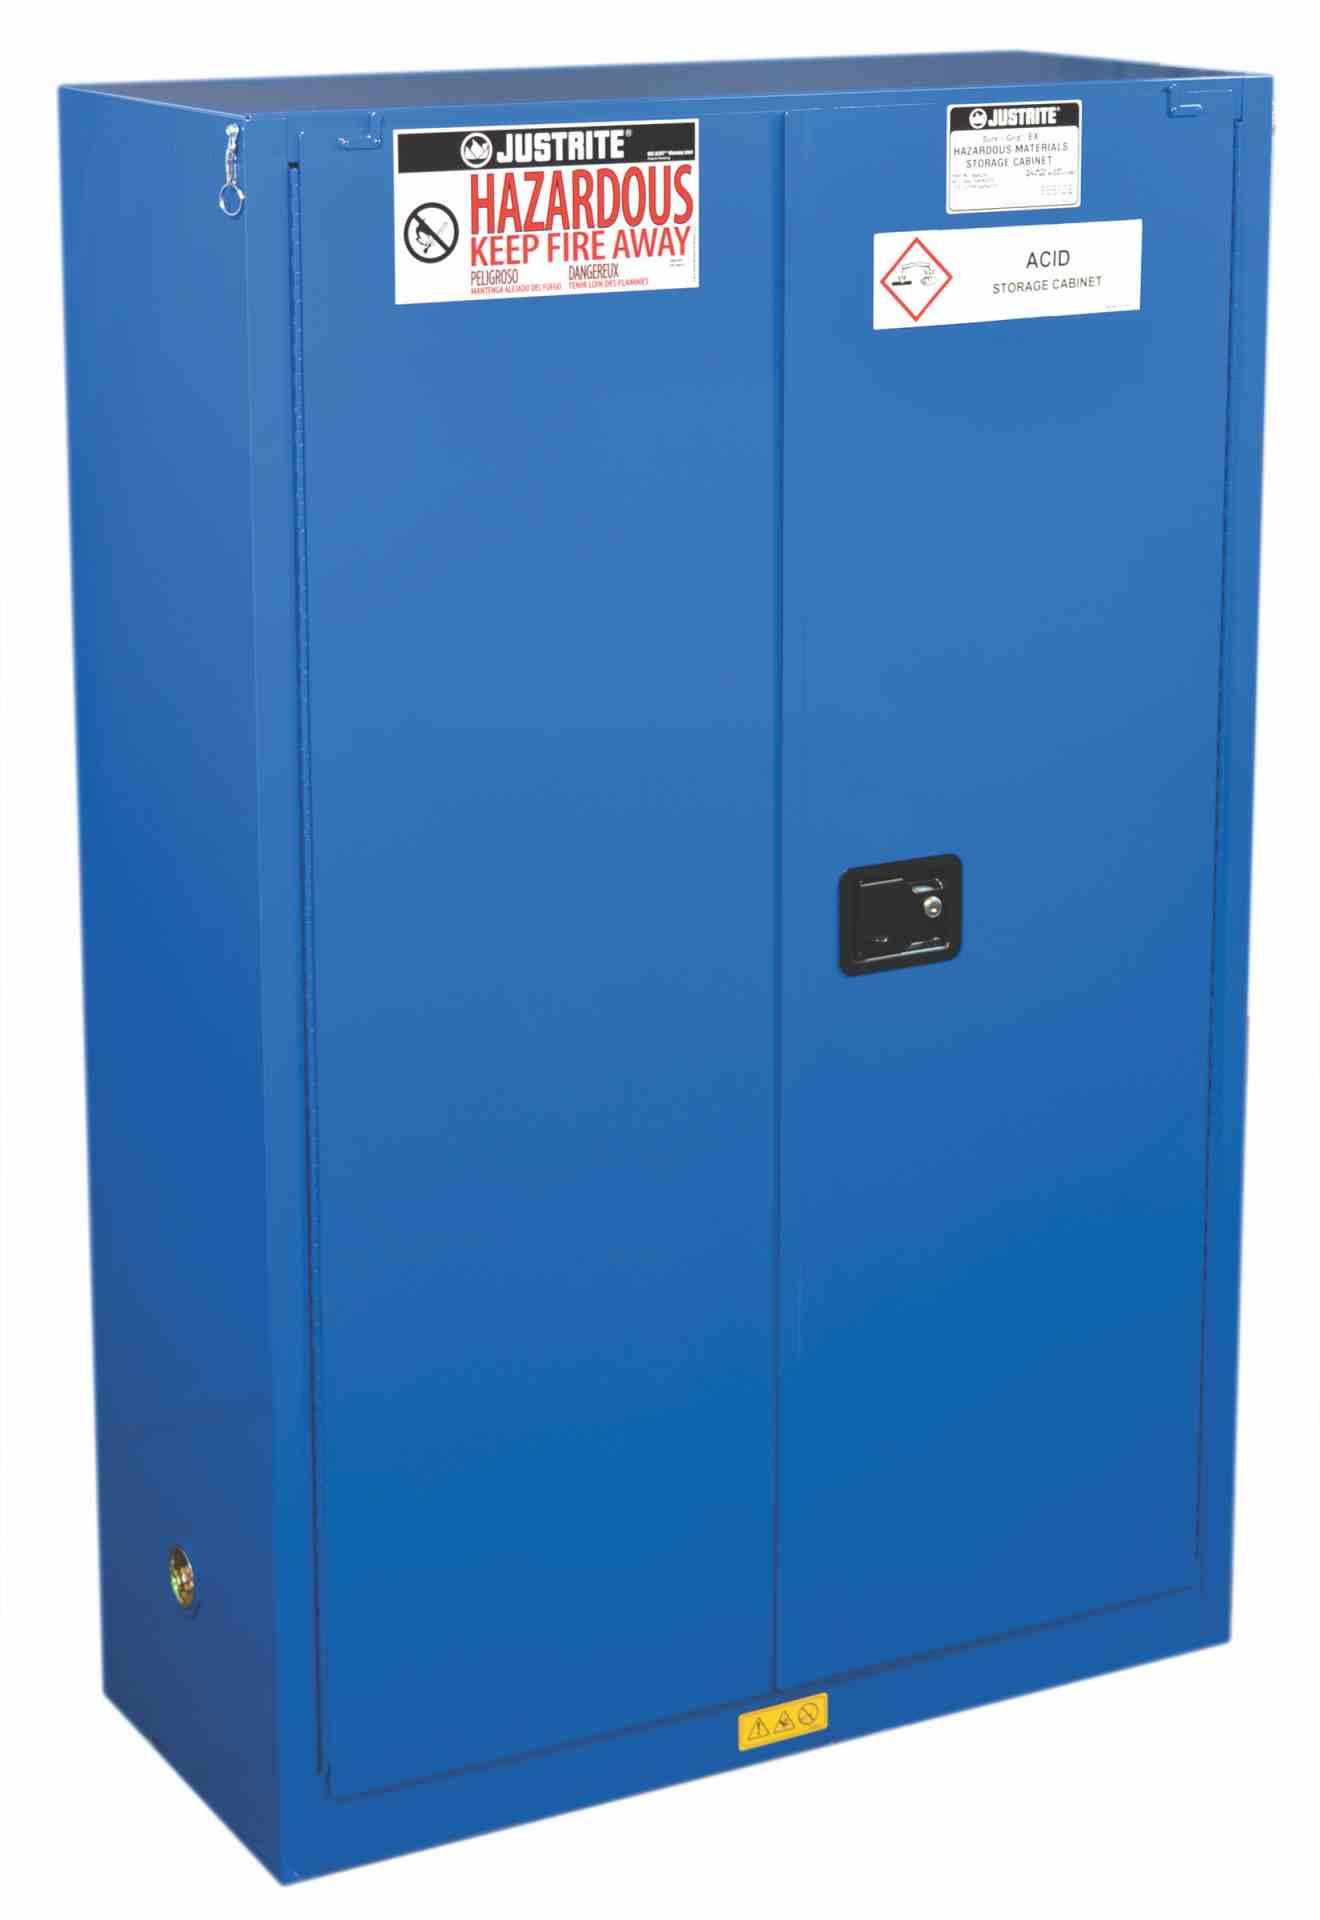 Szafa zabezpieczająca 170 l do materiałów niebezpiecznych zamknięcie automatyczne